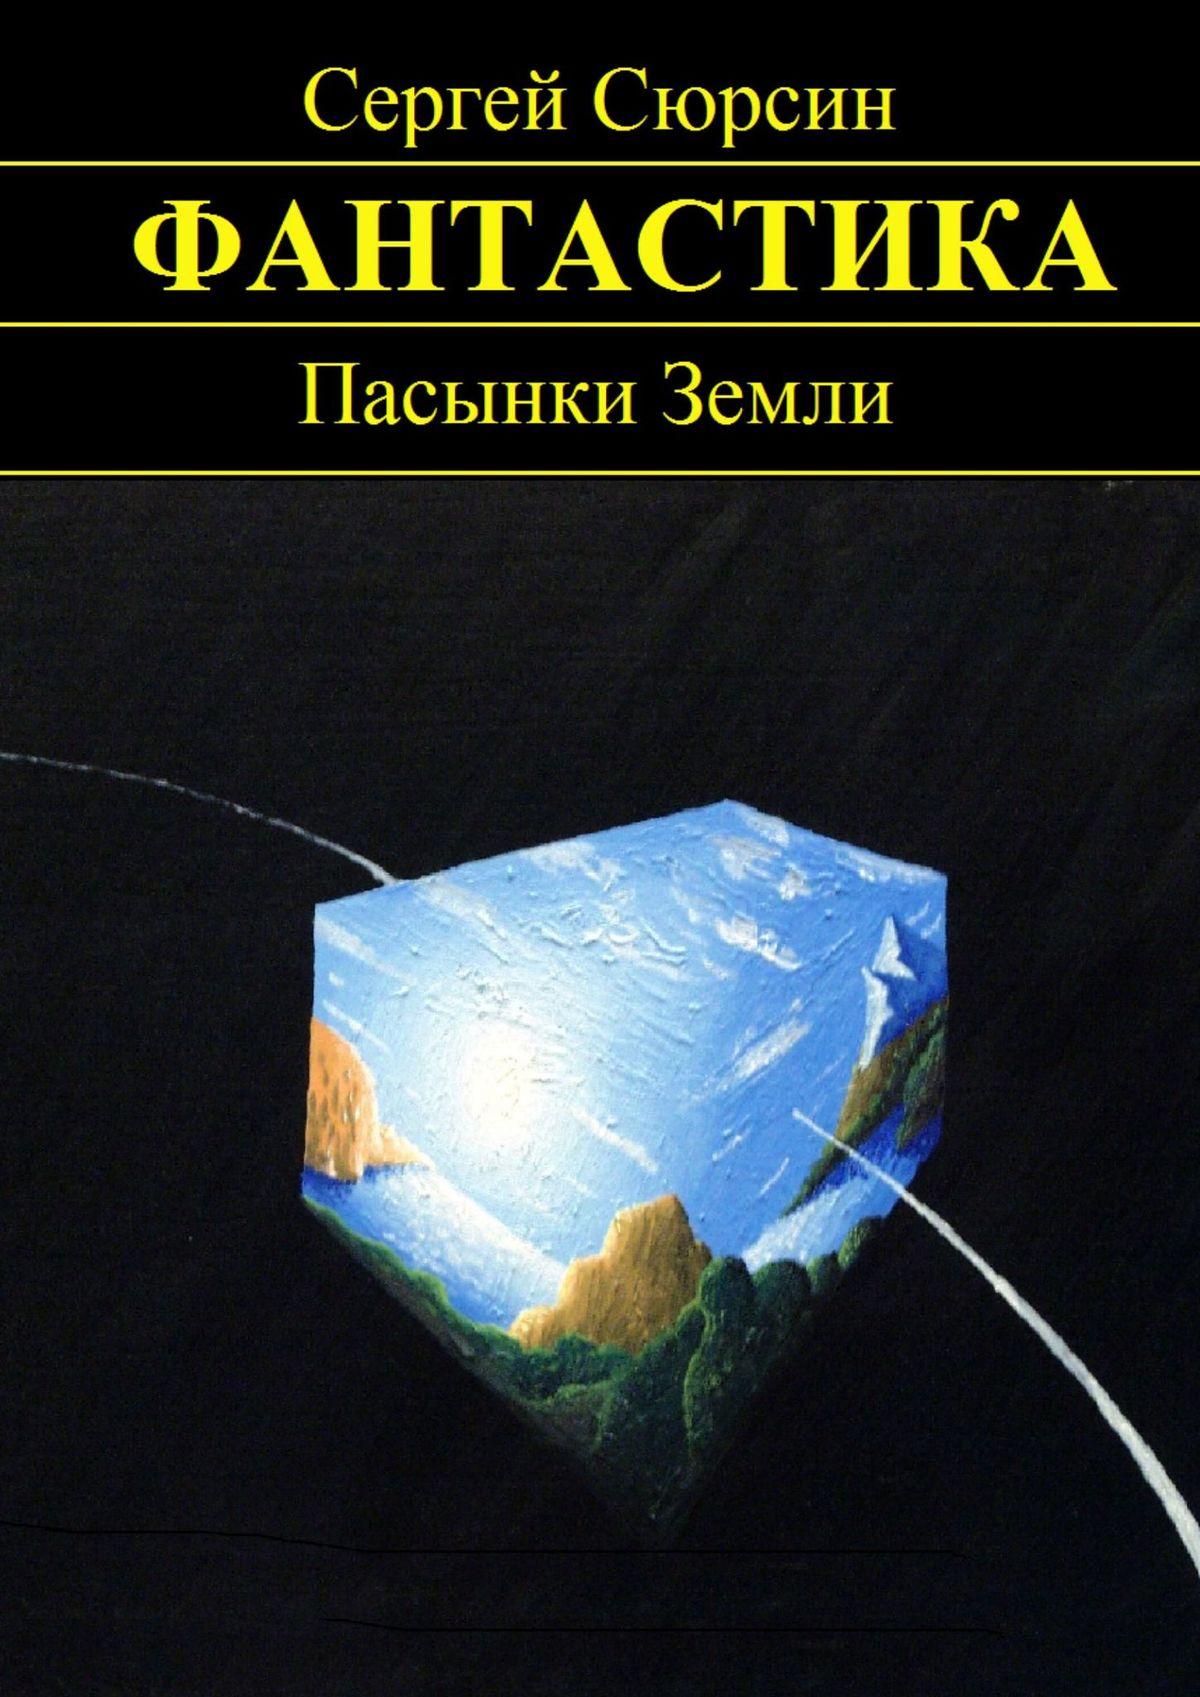 Сергей Сюрсин Пасынки Земли